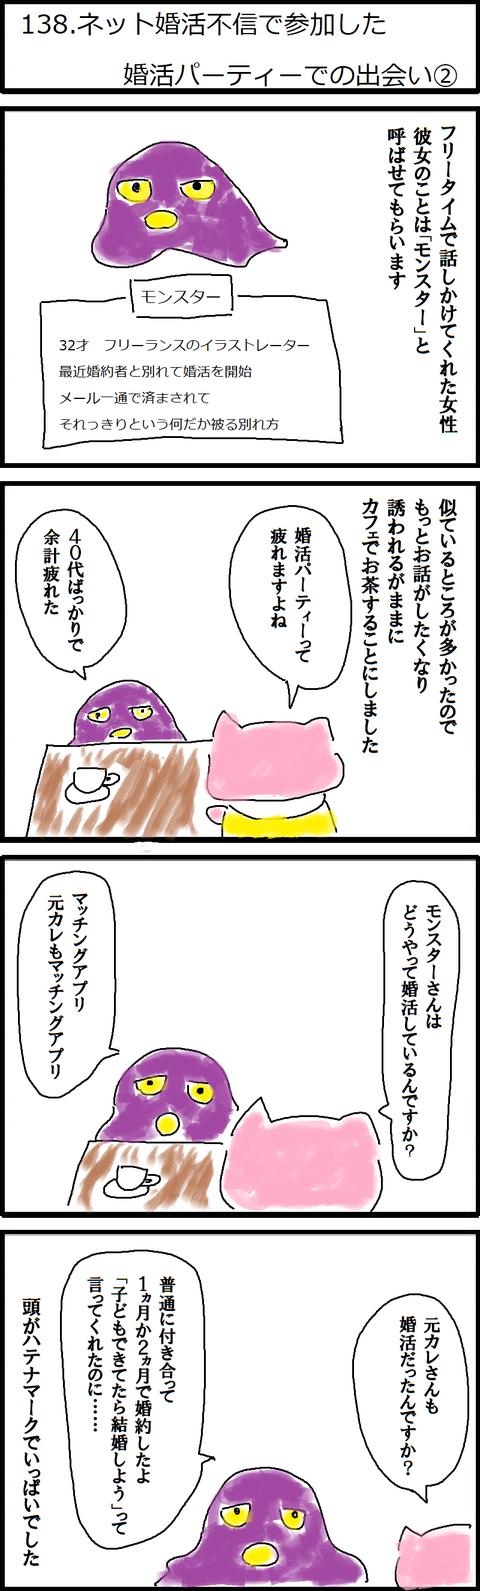 138.ネット婚活不信で参加した婚活パーティーでの出会い②